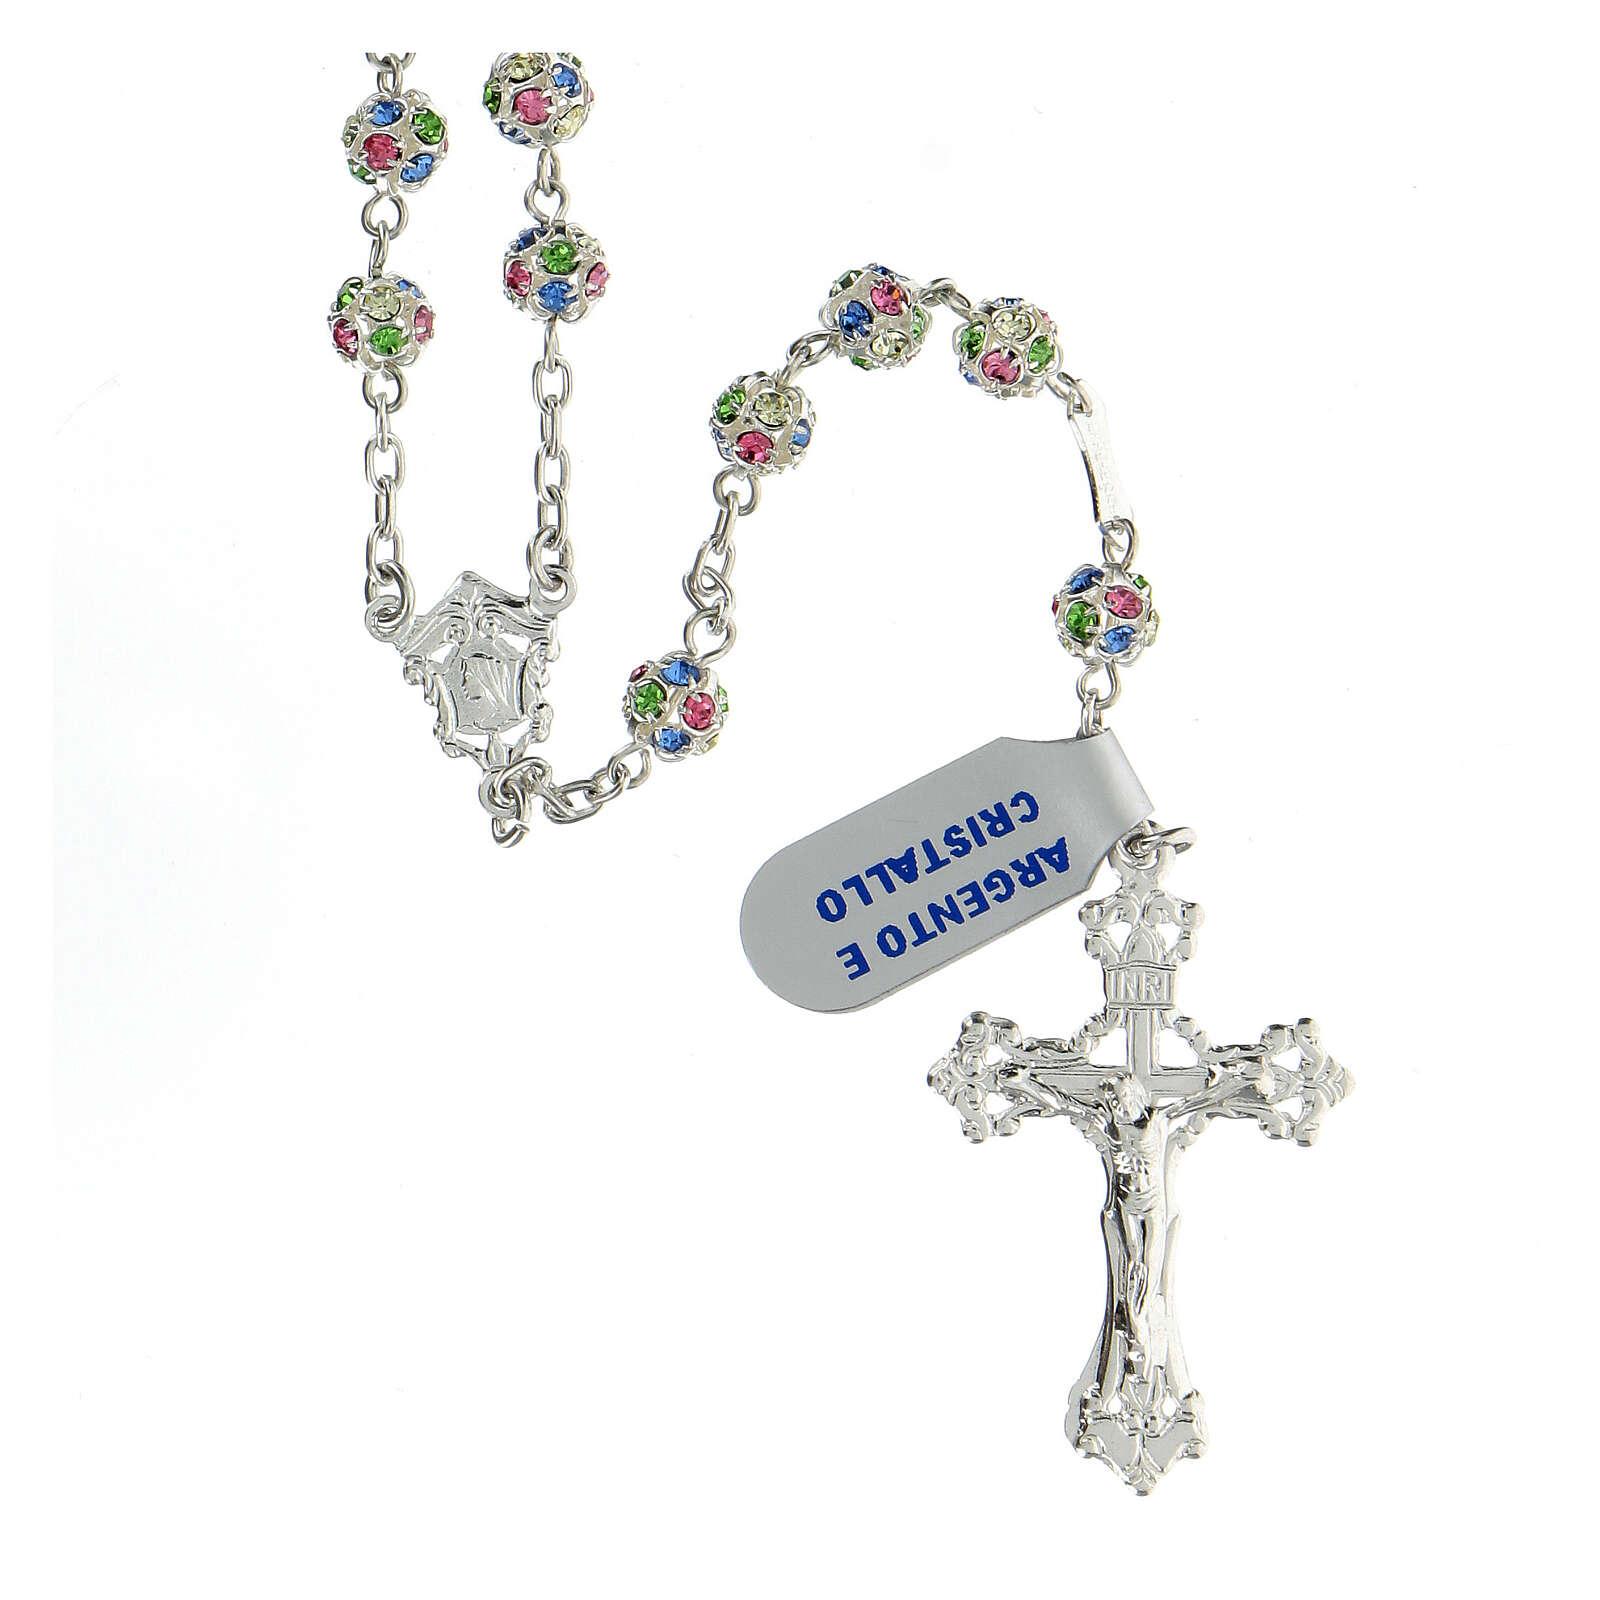 Rosario plata 925 granos cristales multicolor 6 mm cruz decorada 4